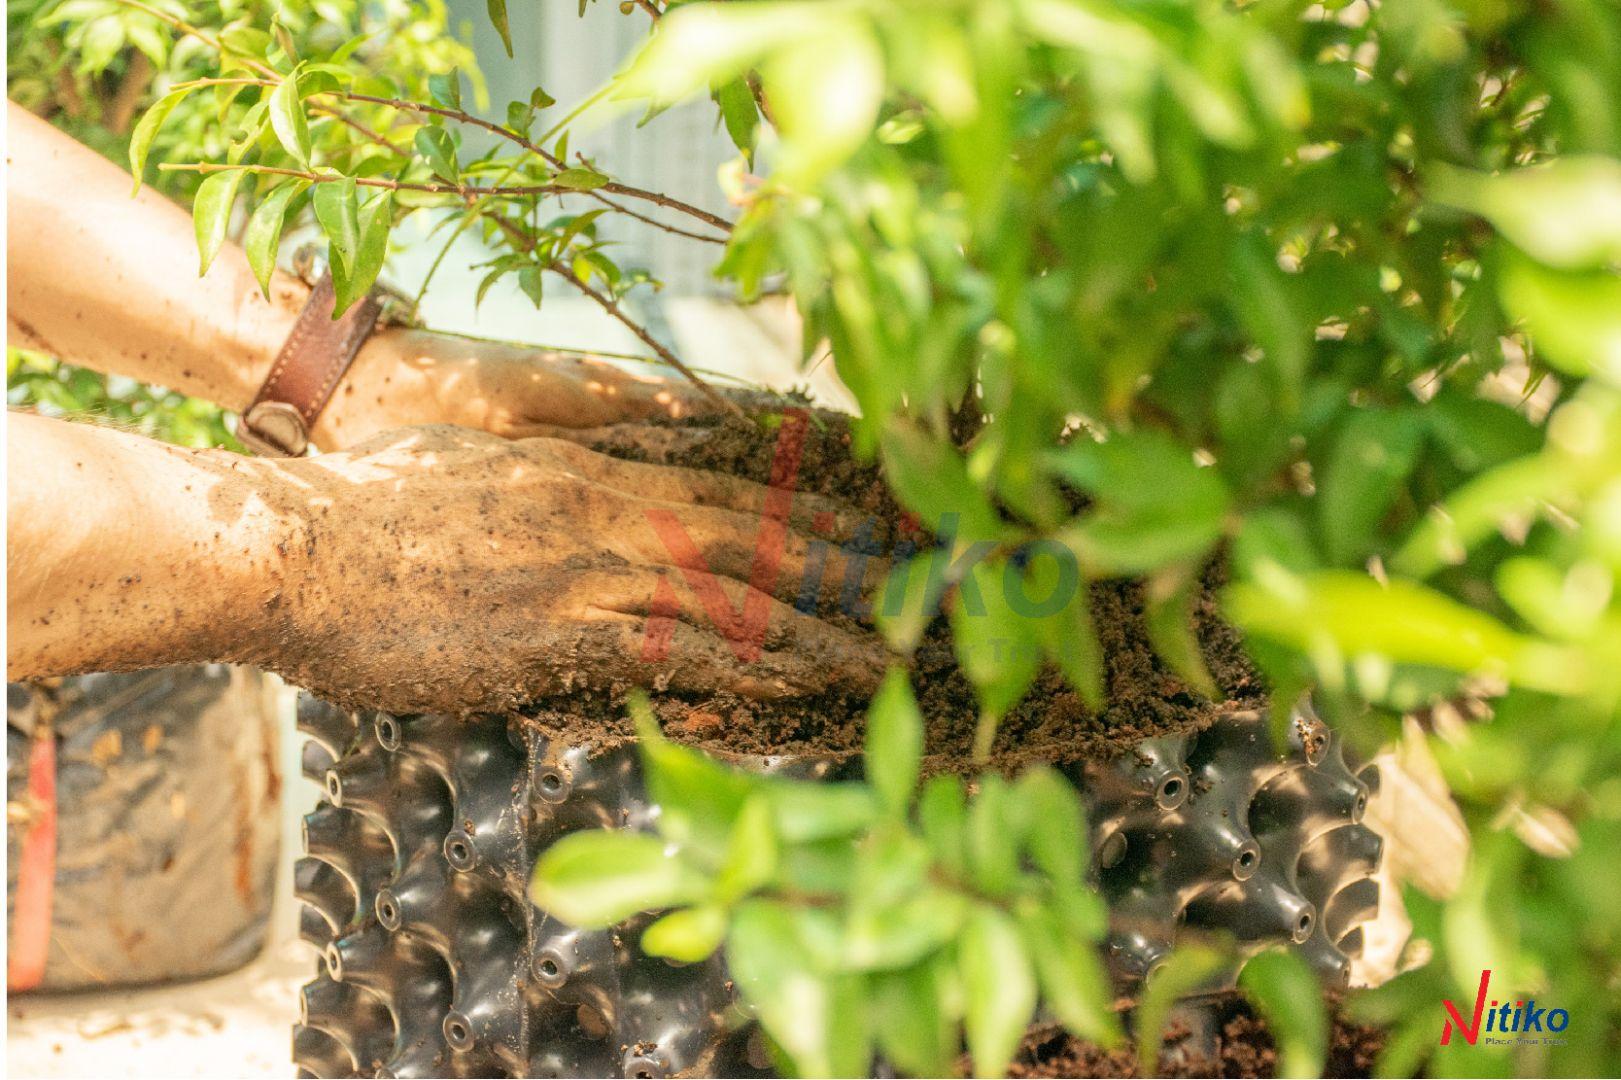 Chăm sóc cây cần nhiều thời gian và công sức